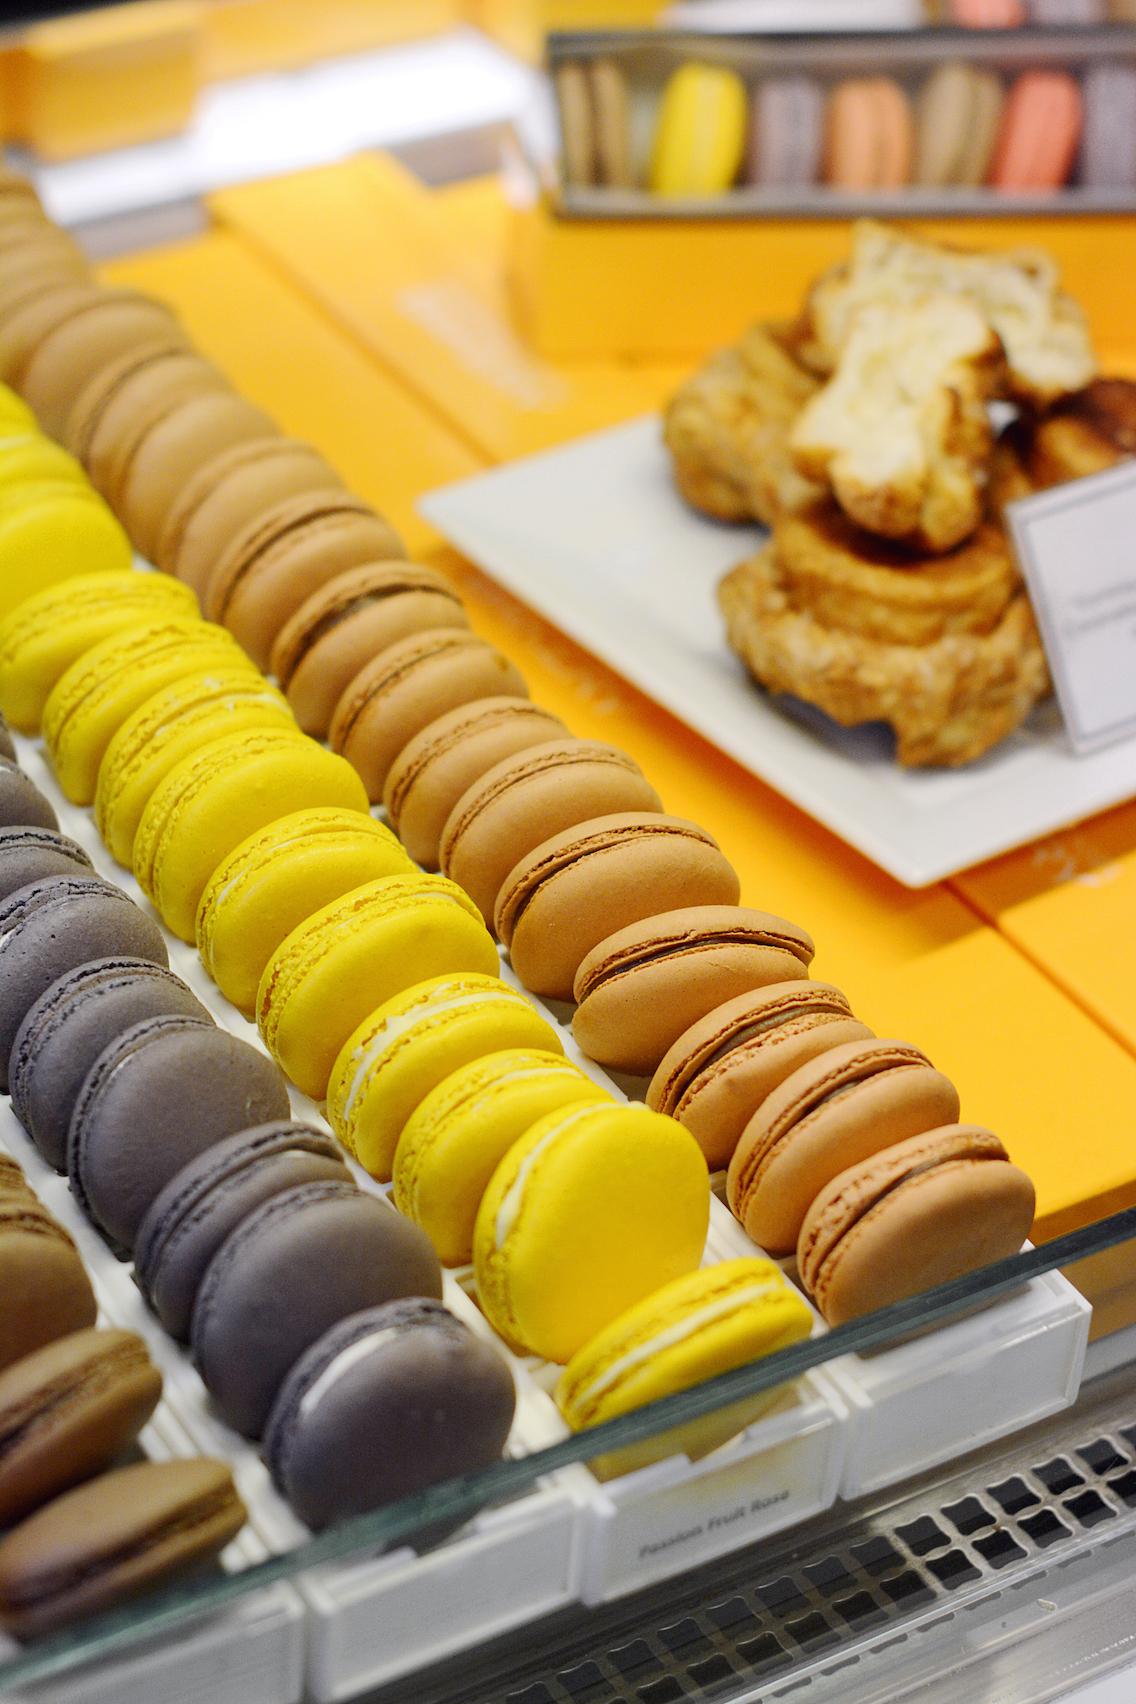 Dominique Ansel Bakery Soho NYC Cronut 3